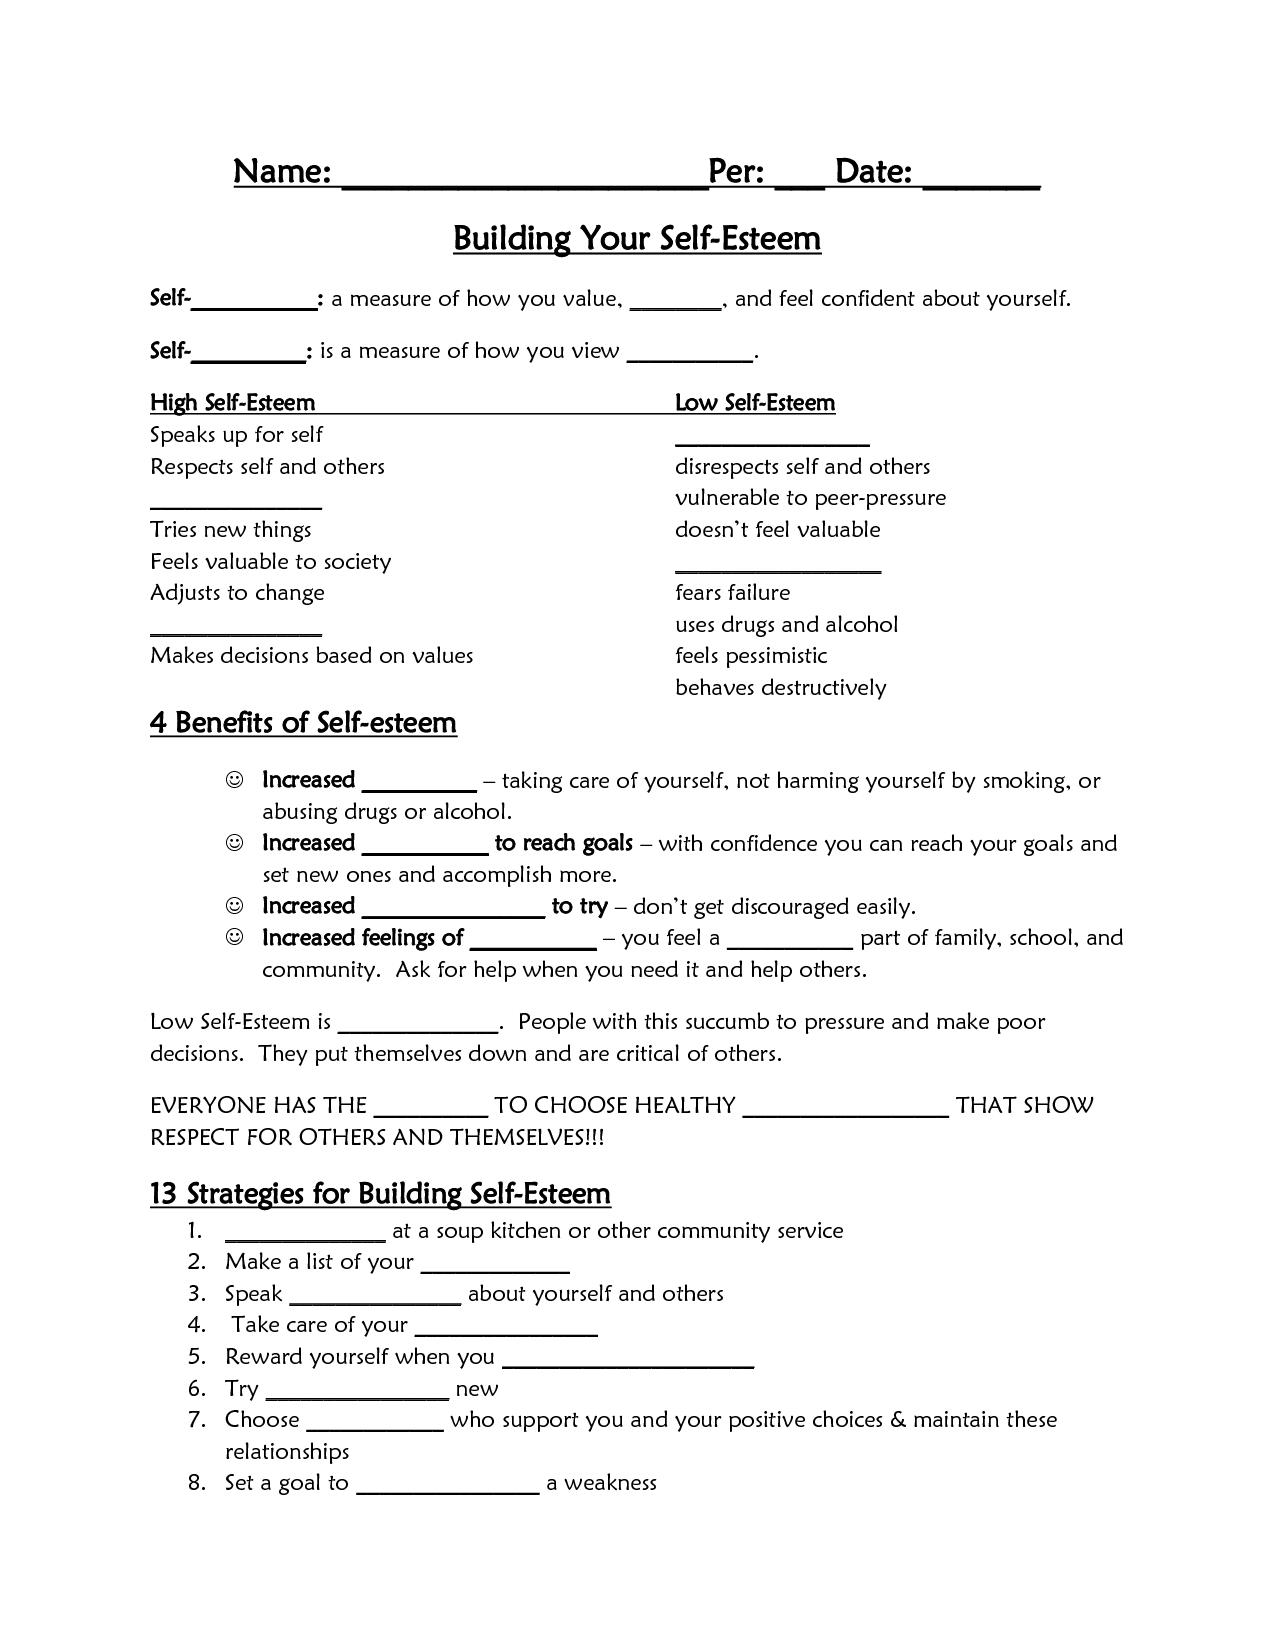 Self-Esteem Worksheet - Google Search | Self-Esteem/confidence | Printable Self Esteem Worksheets For Teenagers